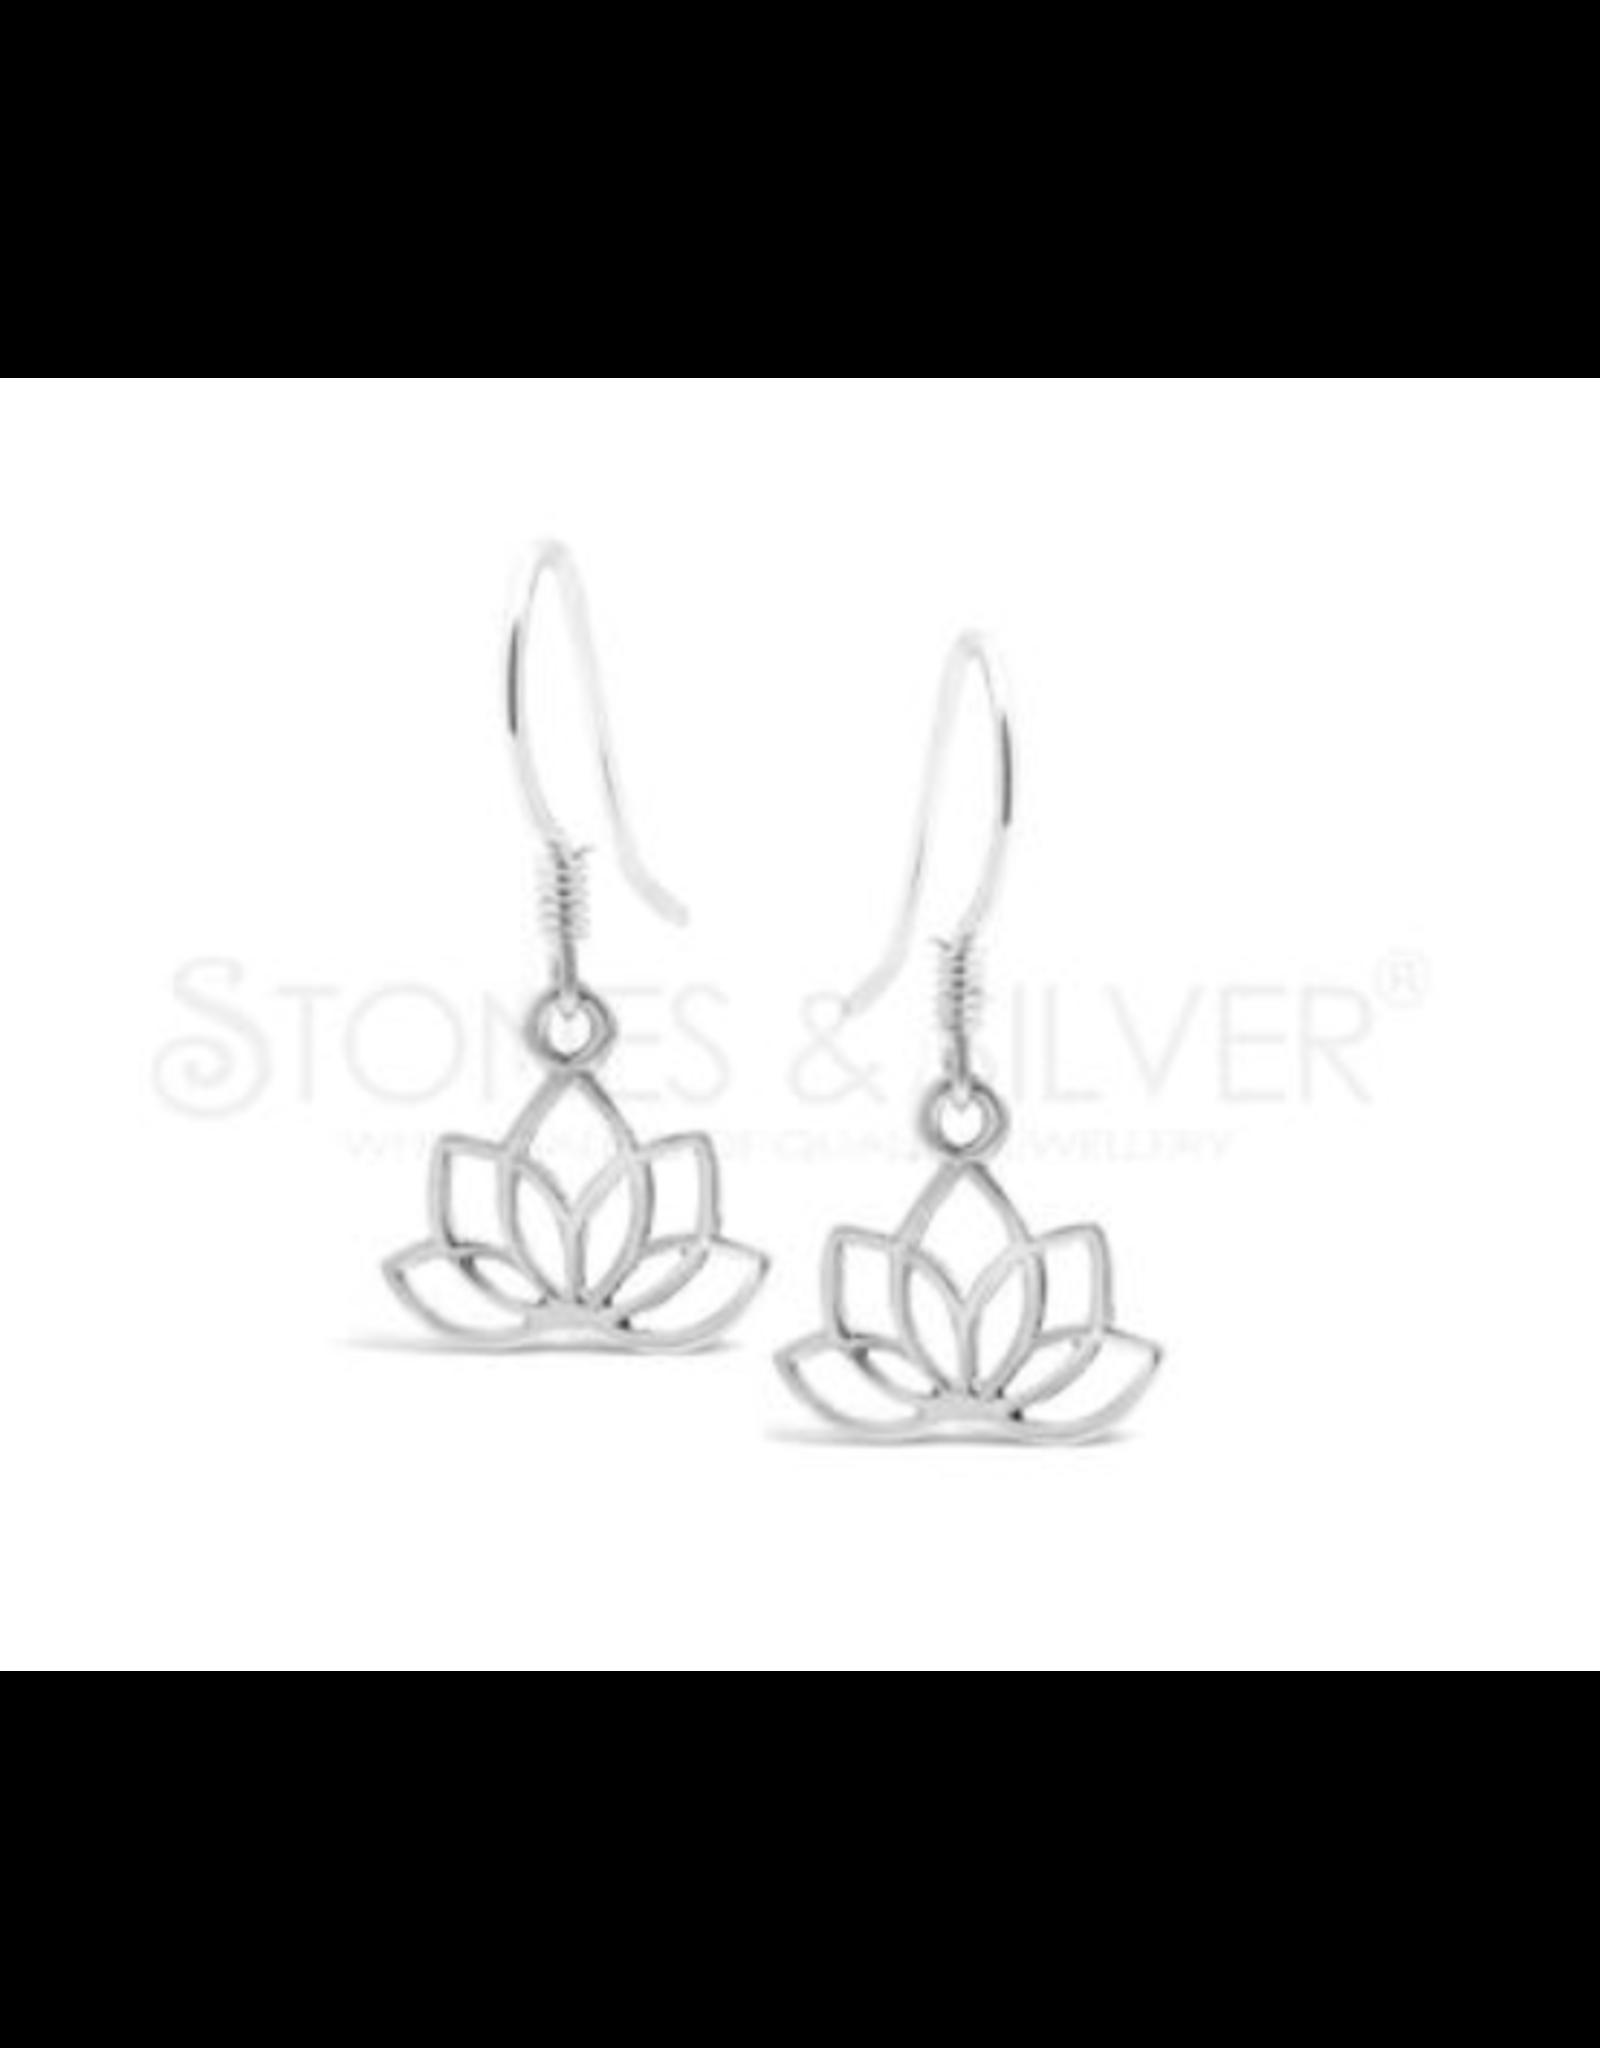 Stones & Silver Lotus Leaf Earrings 15mm